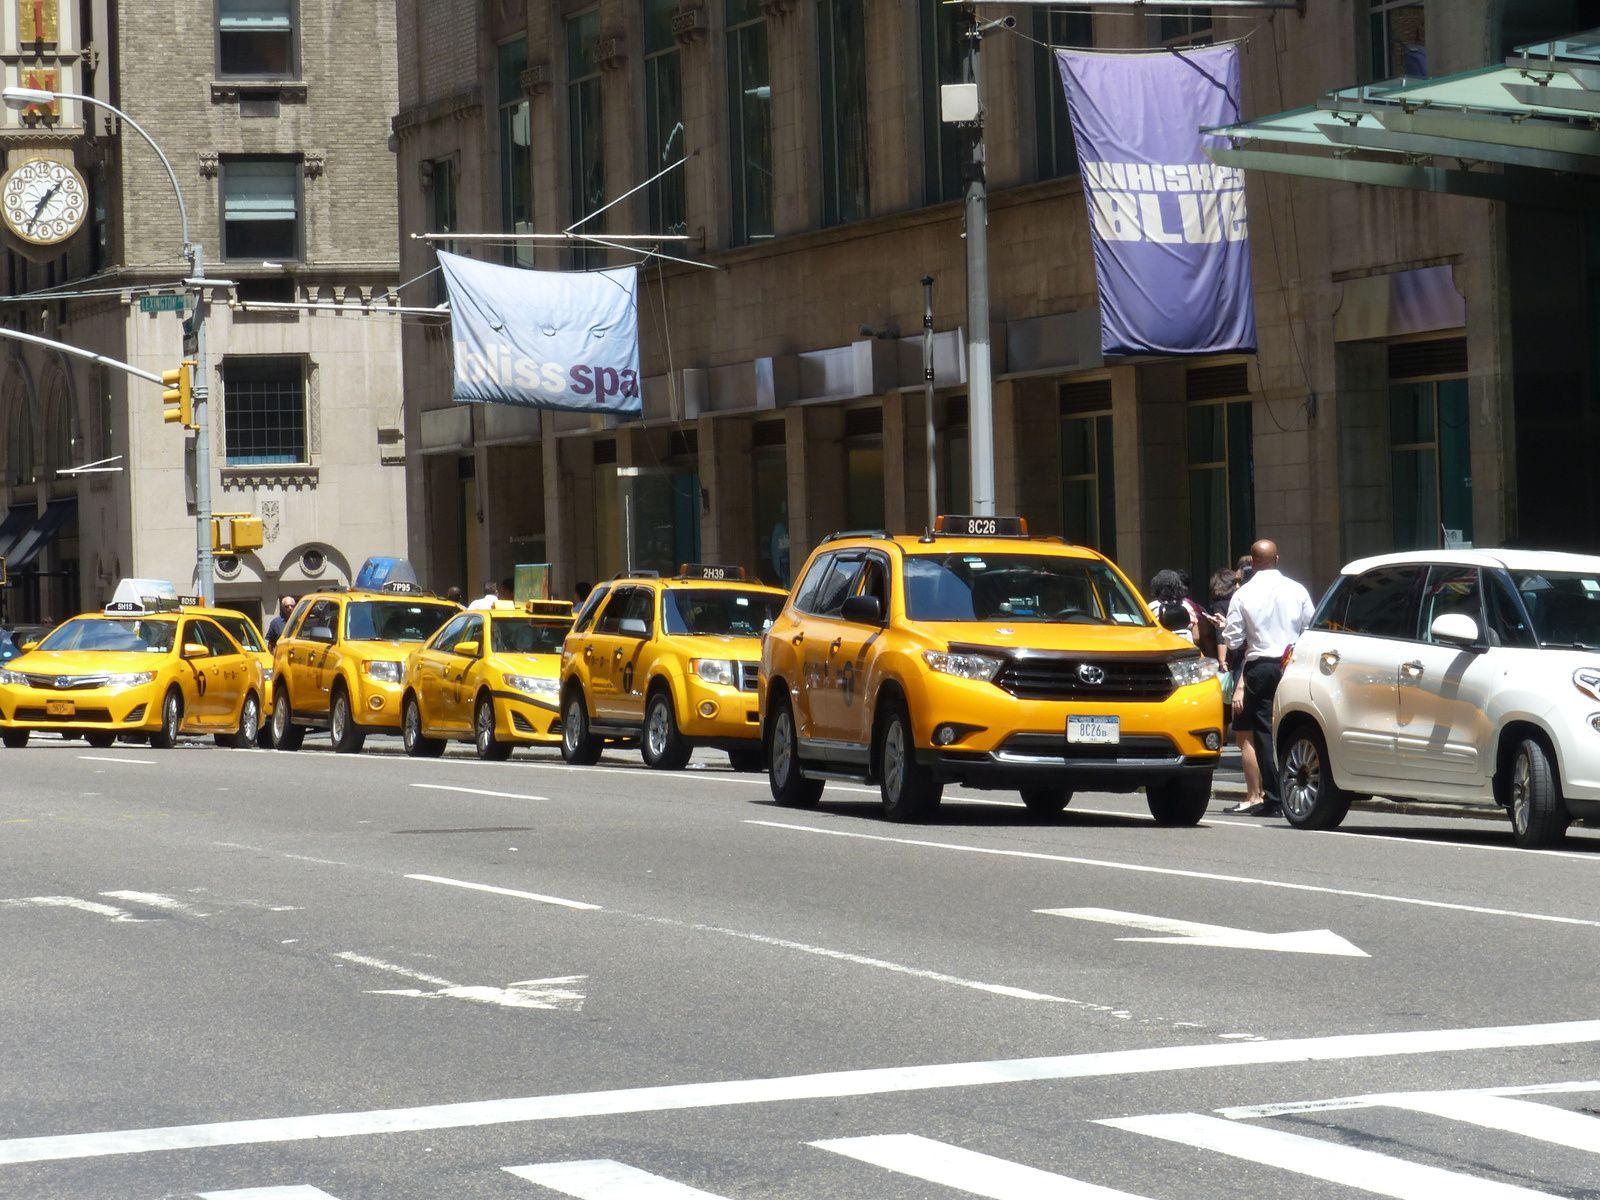 à la veille de la fermeture de ce mythique hotel de Manhattan, ces quelques clichés pris dans cet établissement et alentours en juin 2014....un pur chef d'oeuvre art-déco.